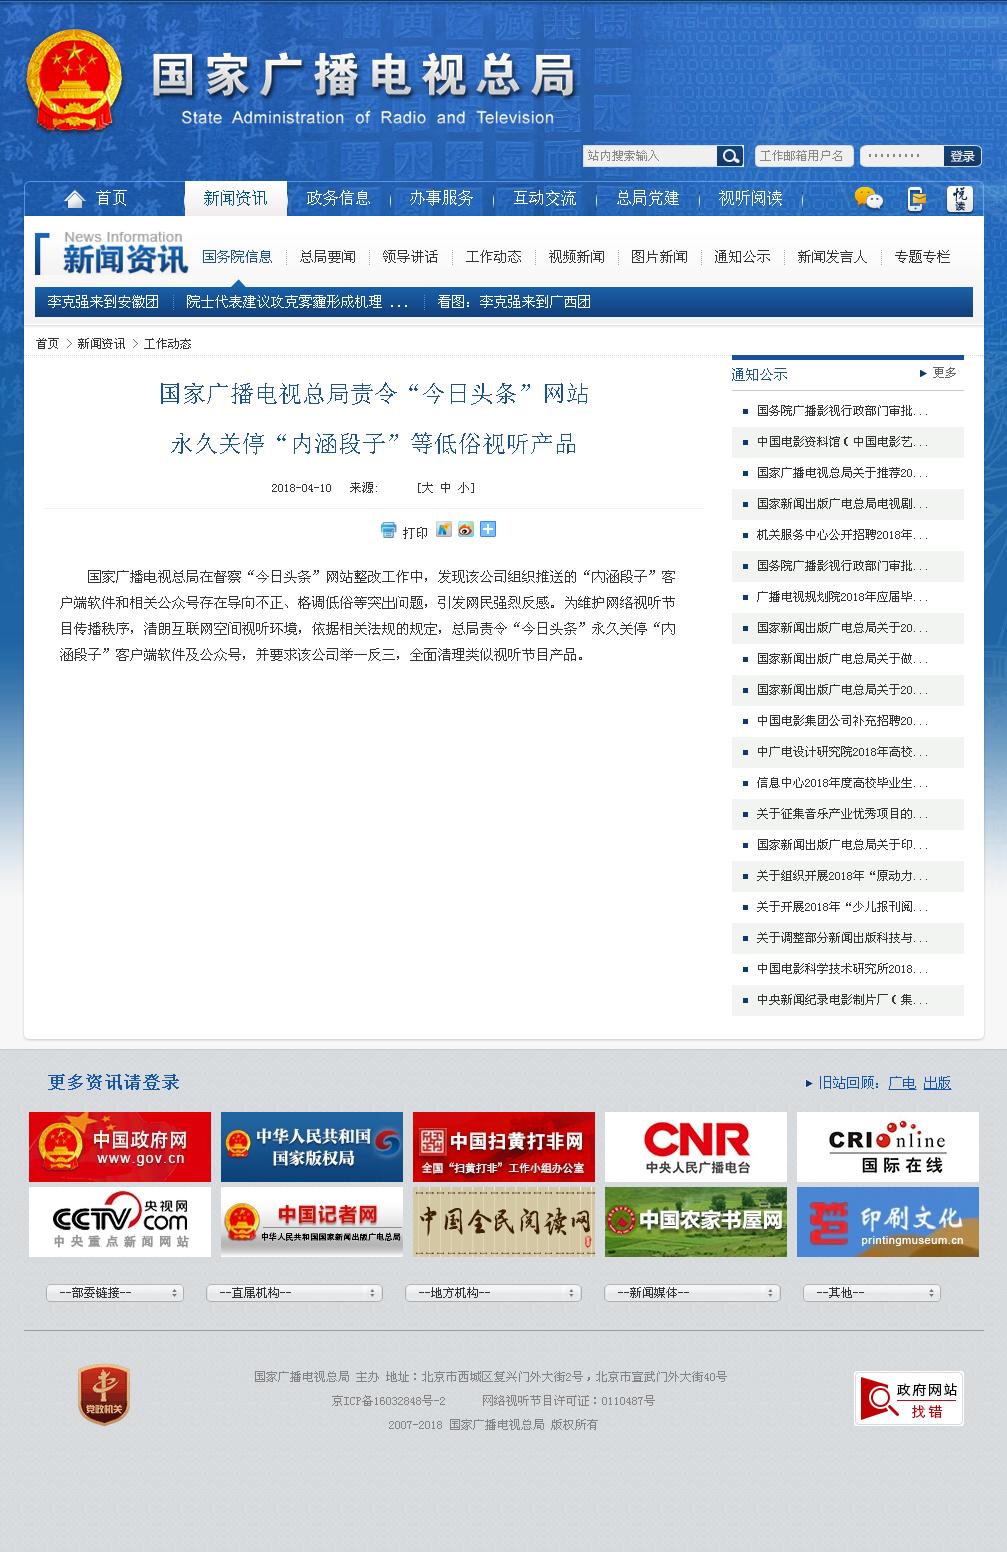 国家广播电视总局.png